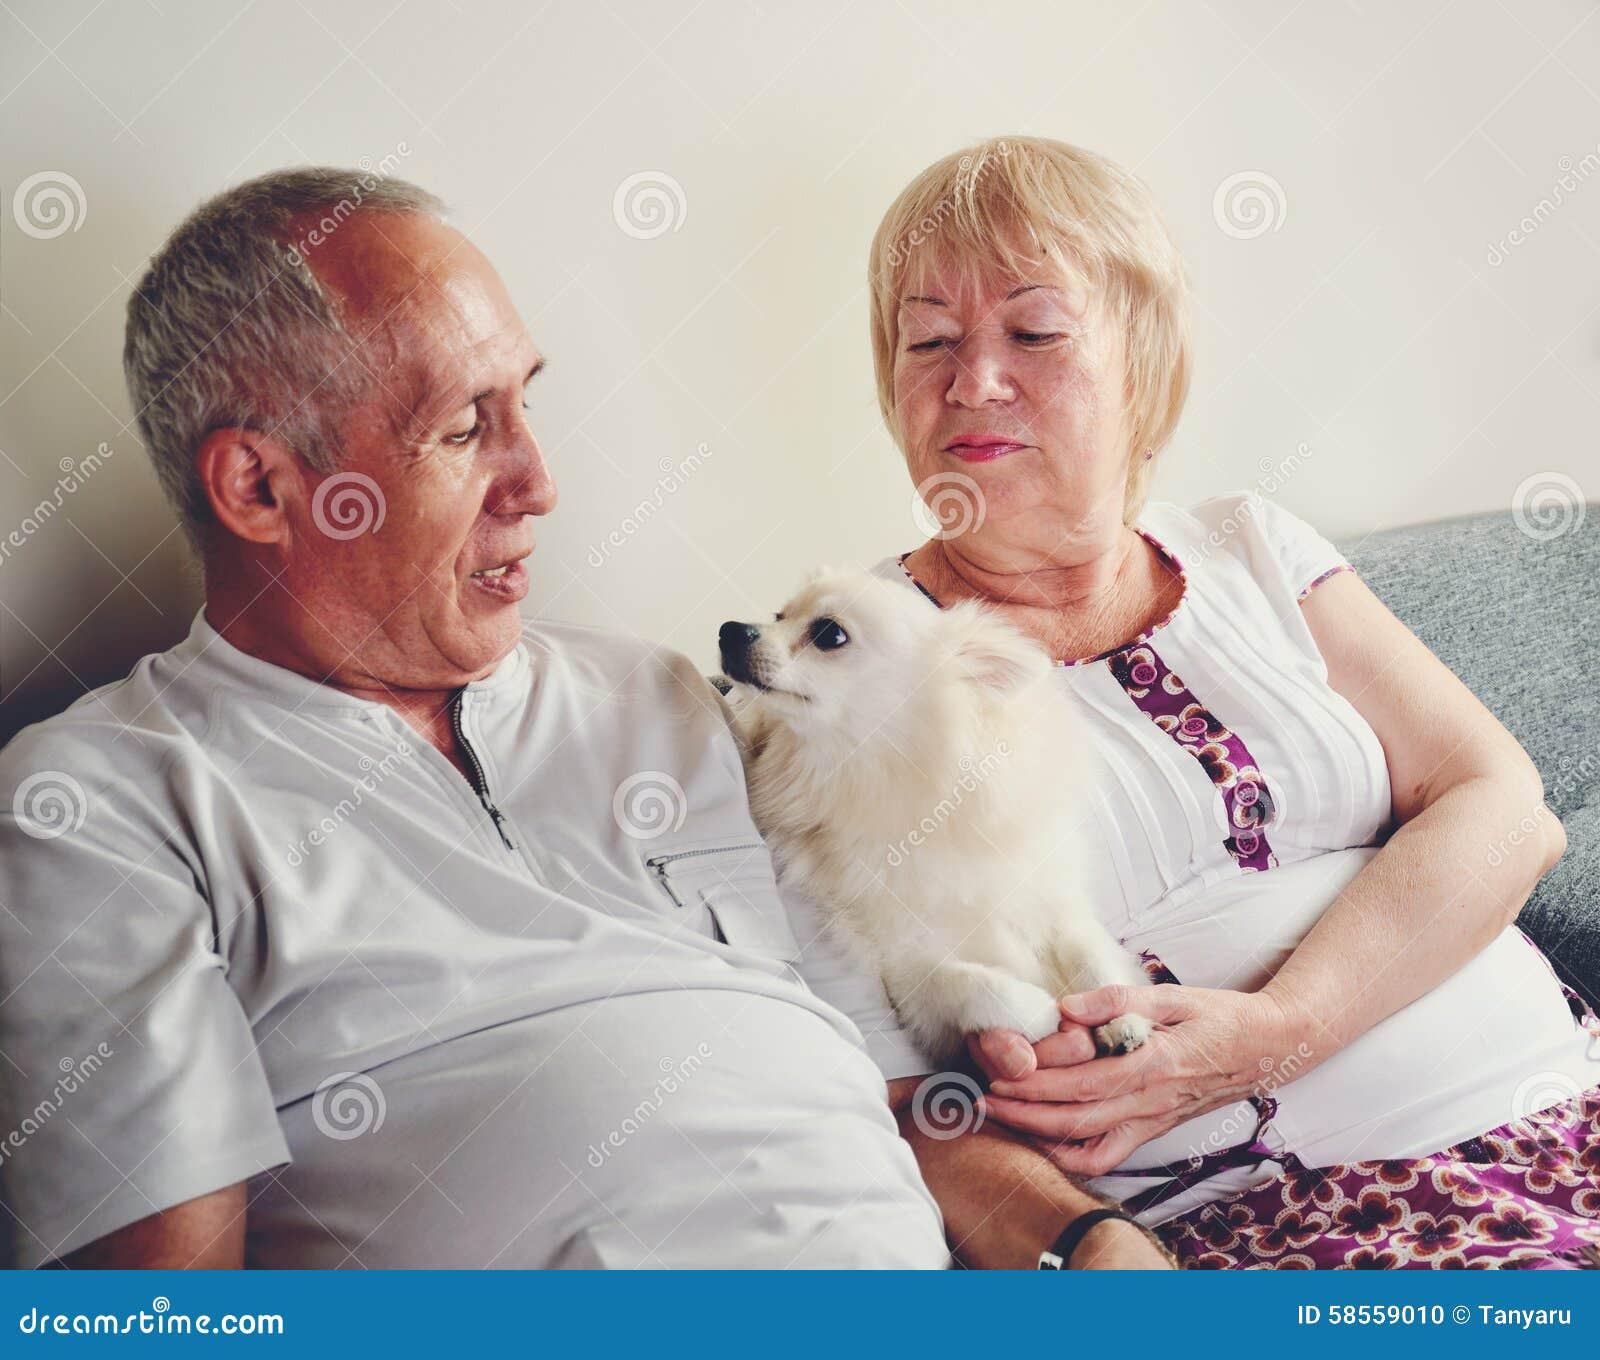 dating een 65 jaar oude man tekenen je bent de verkeerde vrouw dating